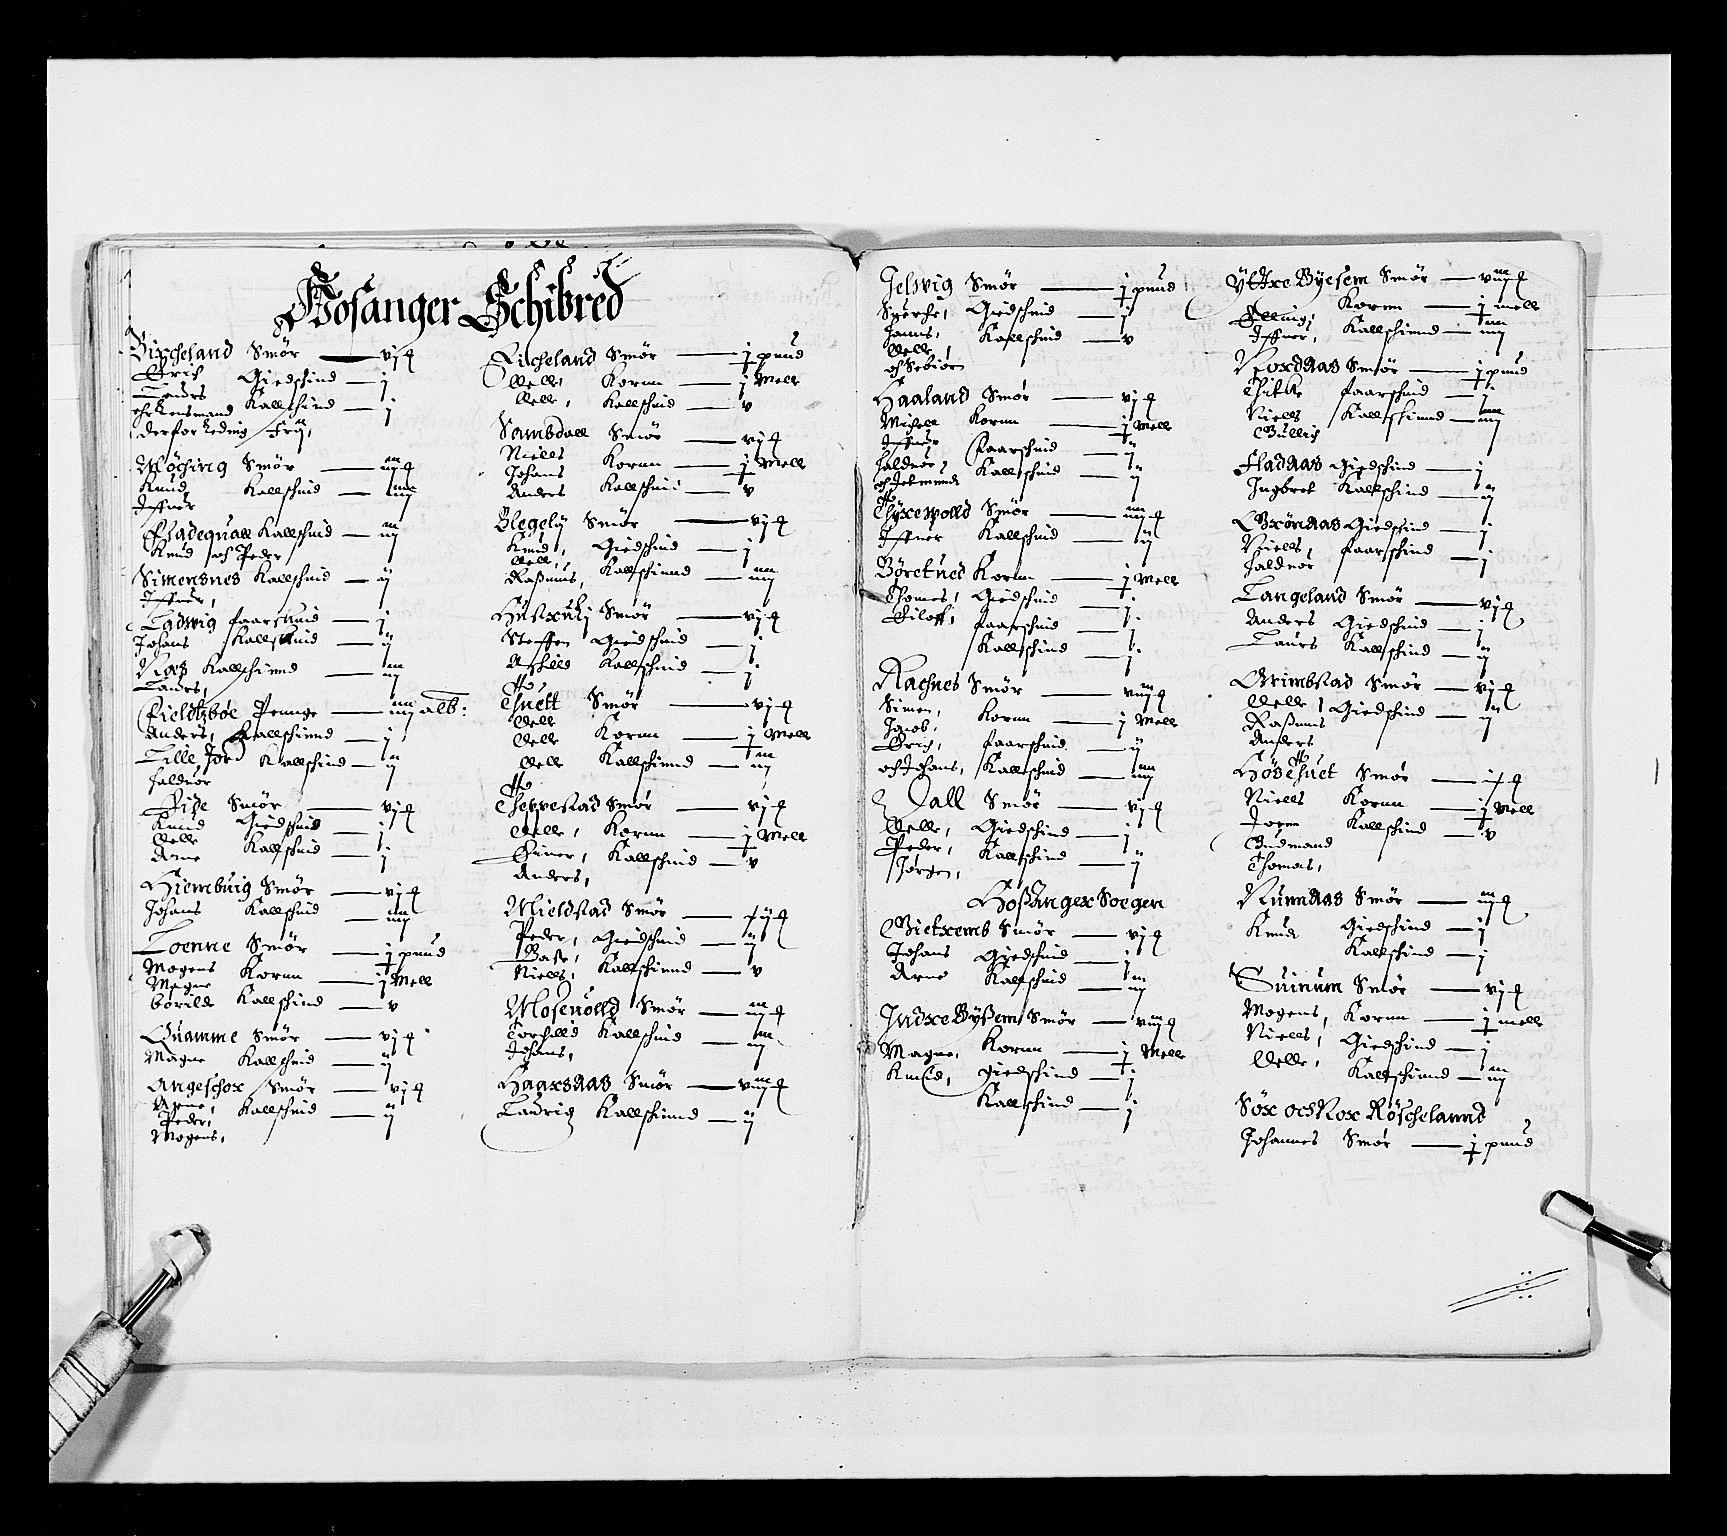 RA, Stattholderembetet 1572-1771, Ek/L0025: Jordebøker 1633-1658:, 1645-1646, s. 100